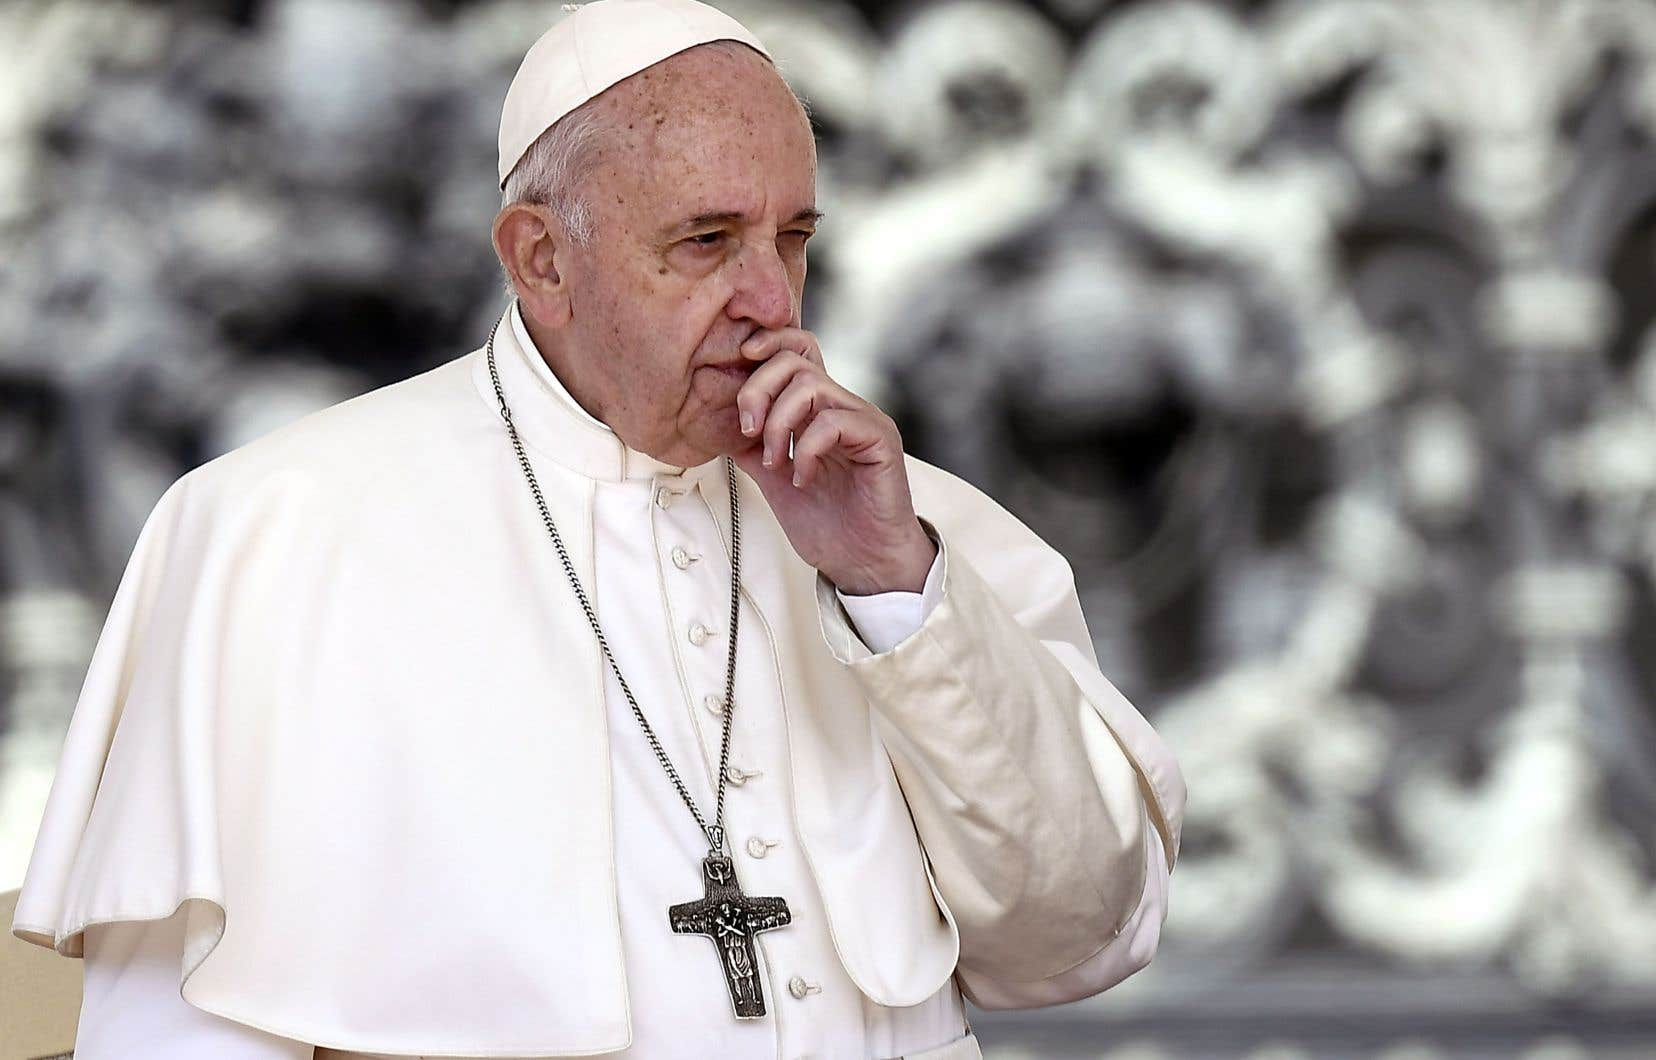 Le pape François a modifié le droit canonique pour rendre obligatoire le signalement de tout soupçon d'agression sexuelle ou de harcèlement.